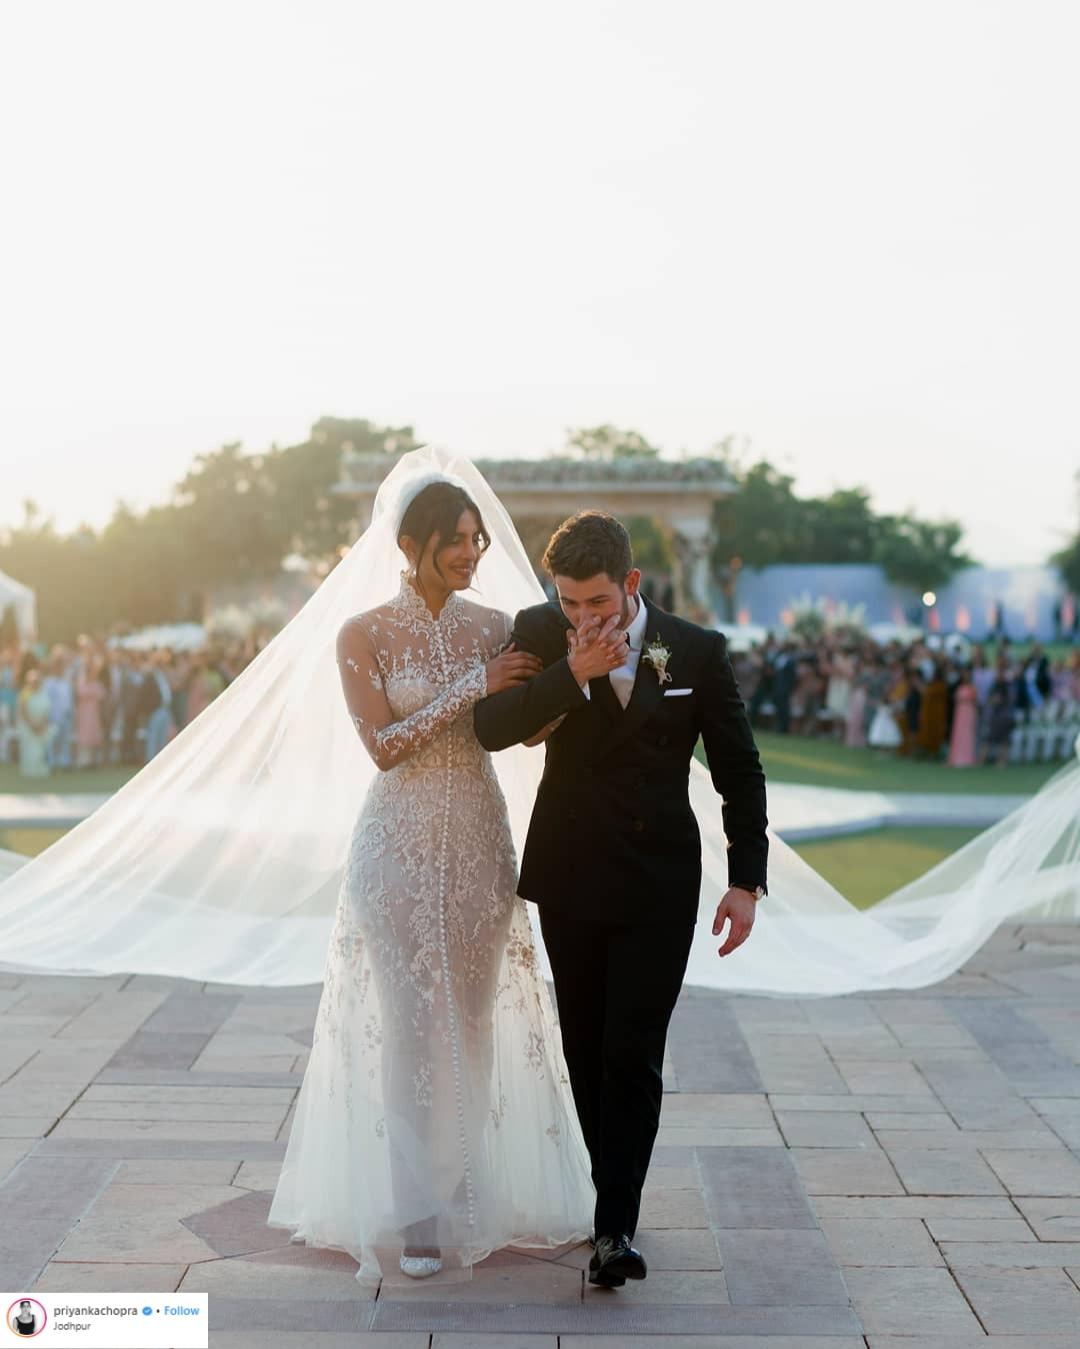 váy cưới đẹp của sao 2018 5